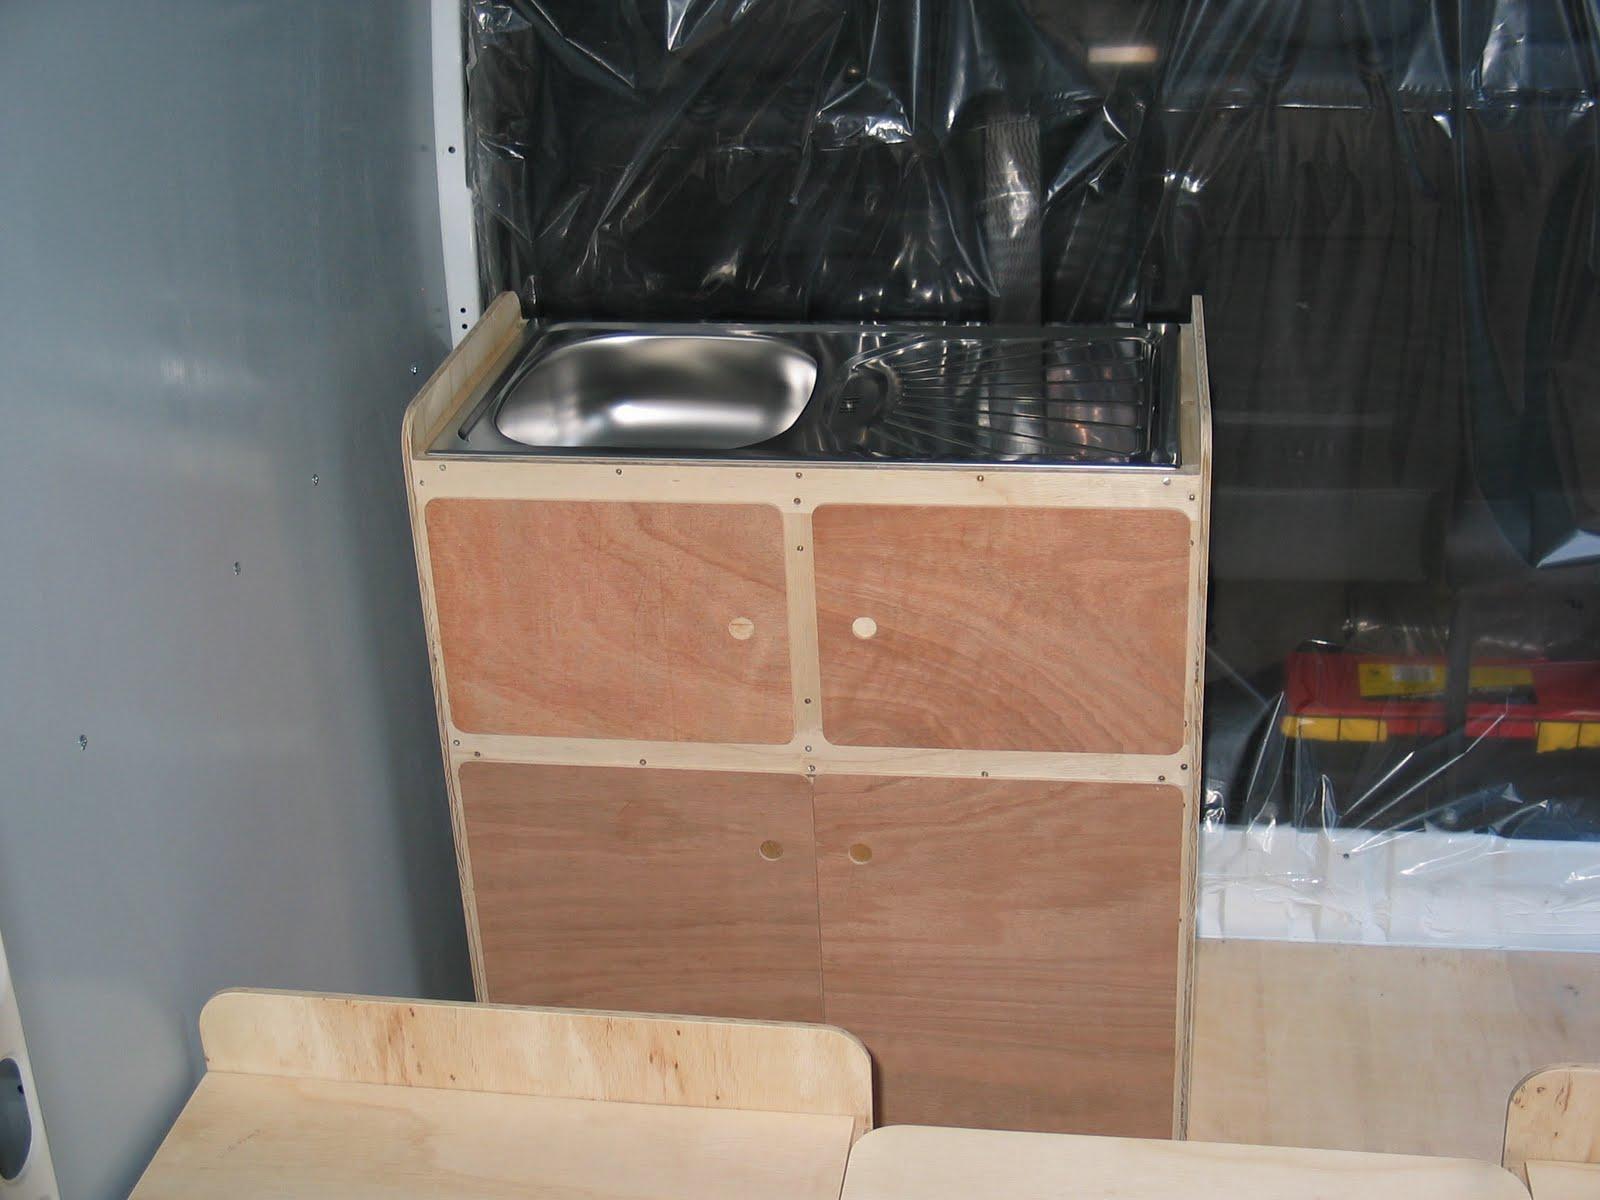 les meubles sont d montables am nager un camping car en conservant l 39 utilitaire. Black Bedroom Furniture Sets. Home Design Ideas